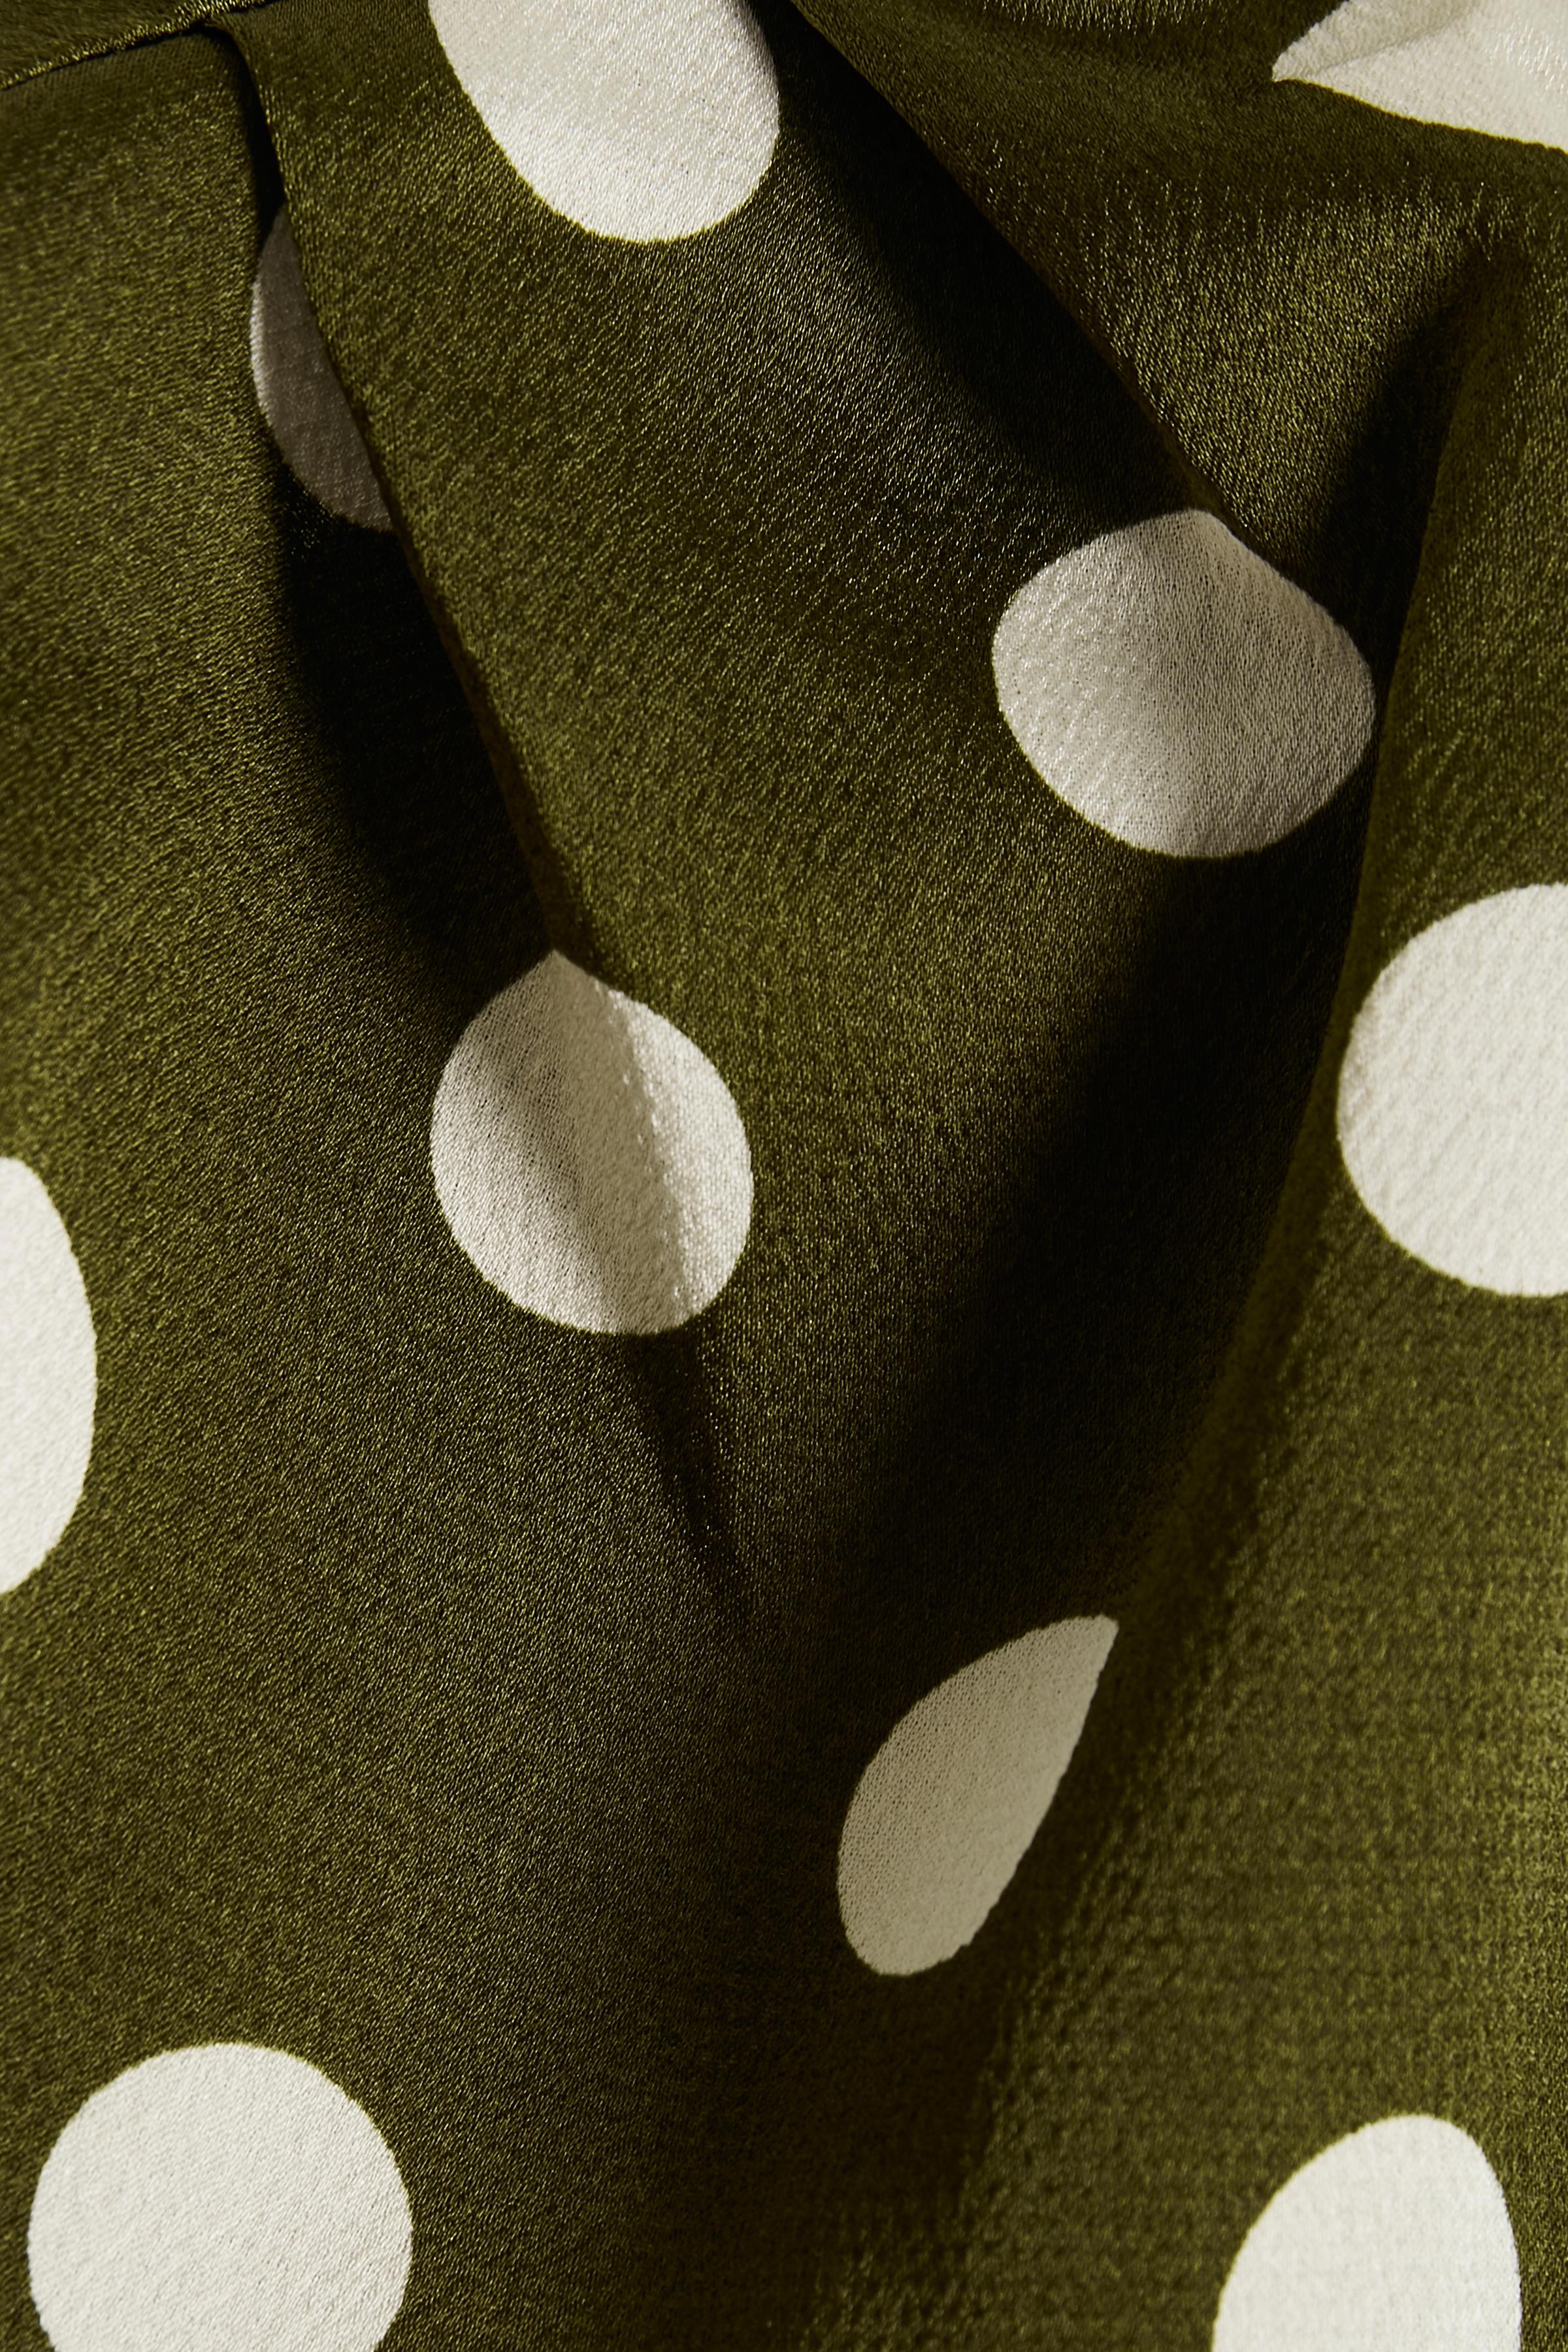 Olivgrön/vit Kortärmad blus  från Culture – Köp Olivgrön/vit Kortärmad blus  från stl. XS-XXL här